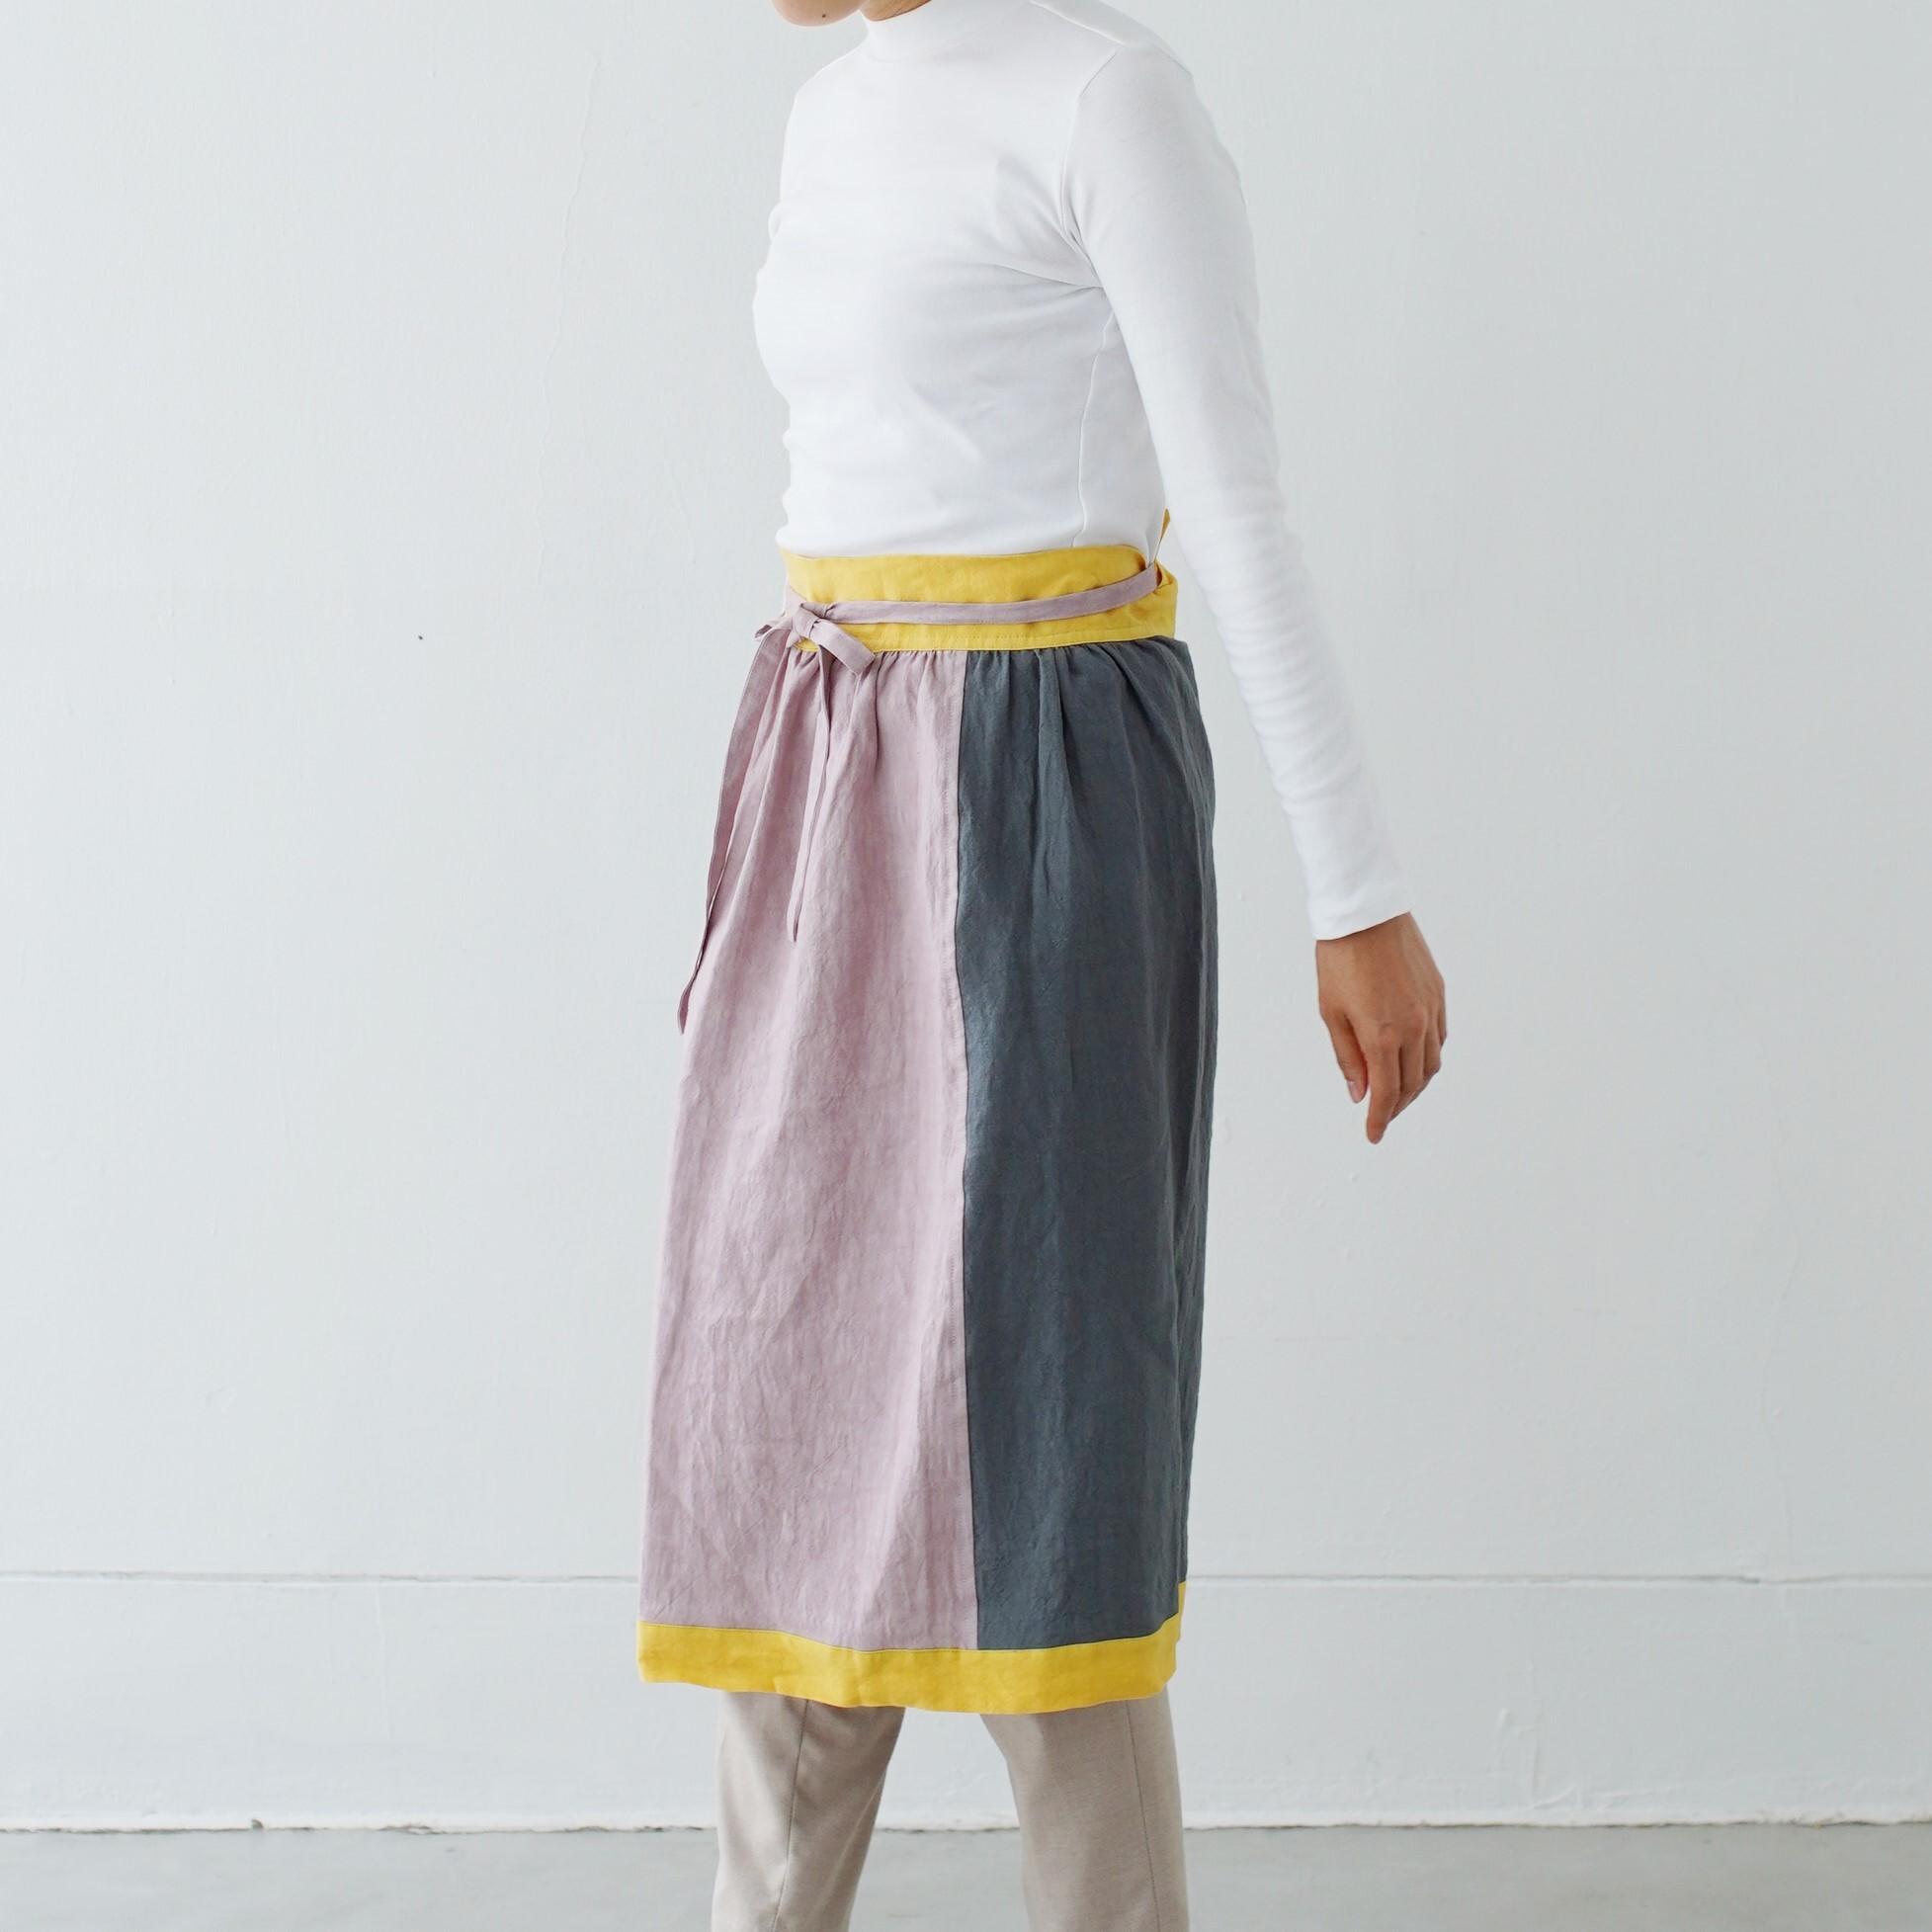 エプロンスカート apron skirt / リネン linen / grayish pink